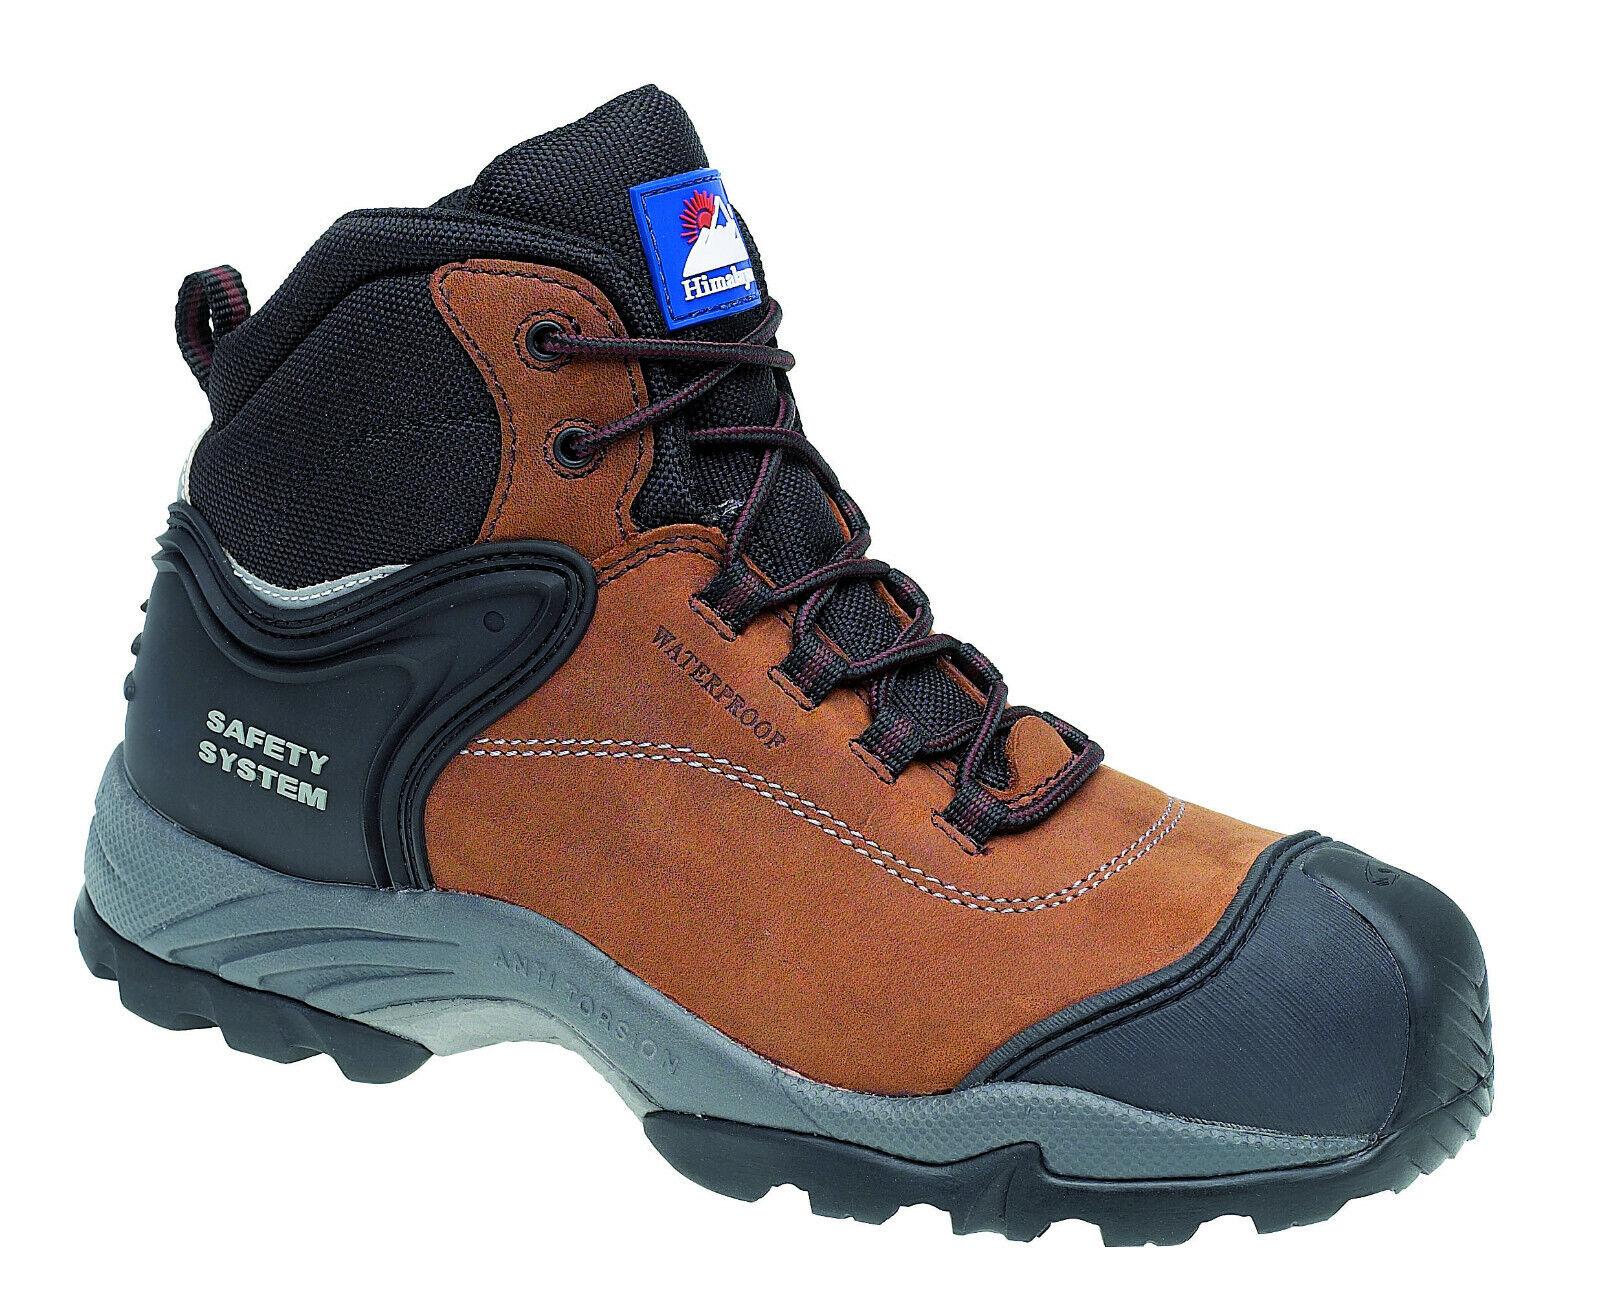 Himalayan 4102 Seguridad botas Hombre gravedad 2 S3 Impermeable Puntera Composite Zapatos